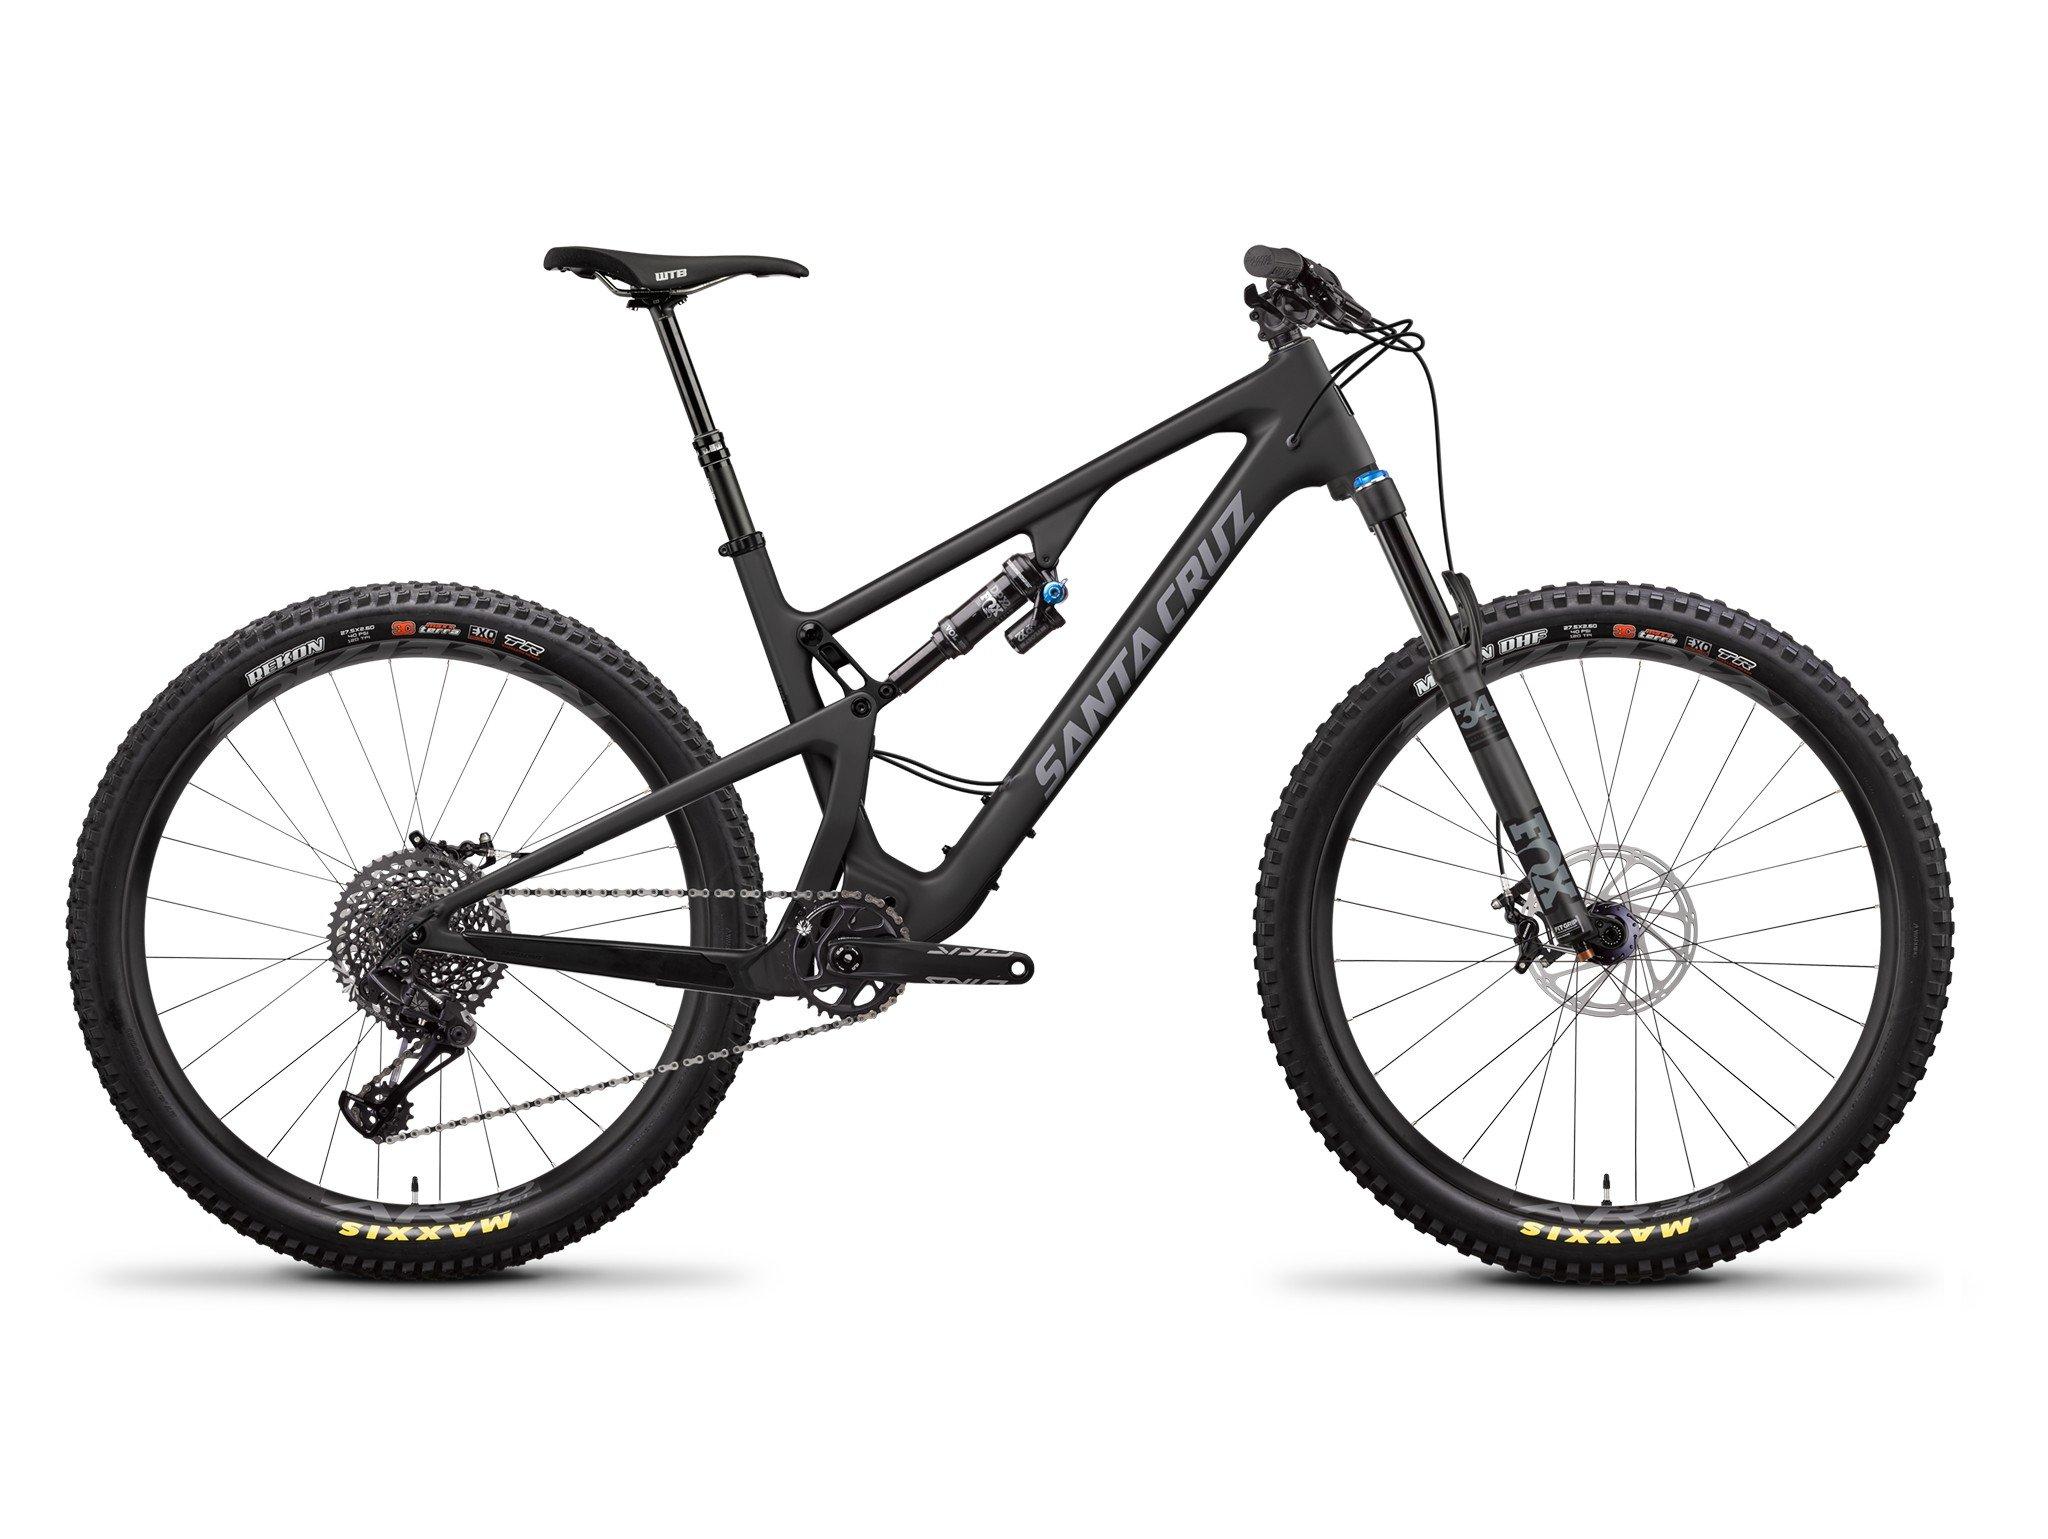 Santa Cruz 5010 Carbon C S Www Uccyclery Com